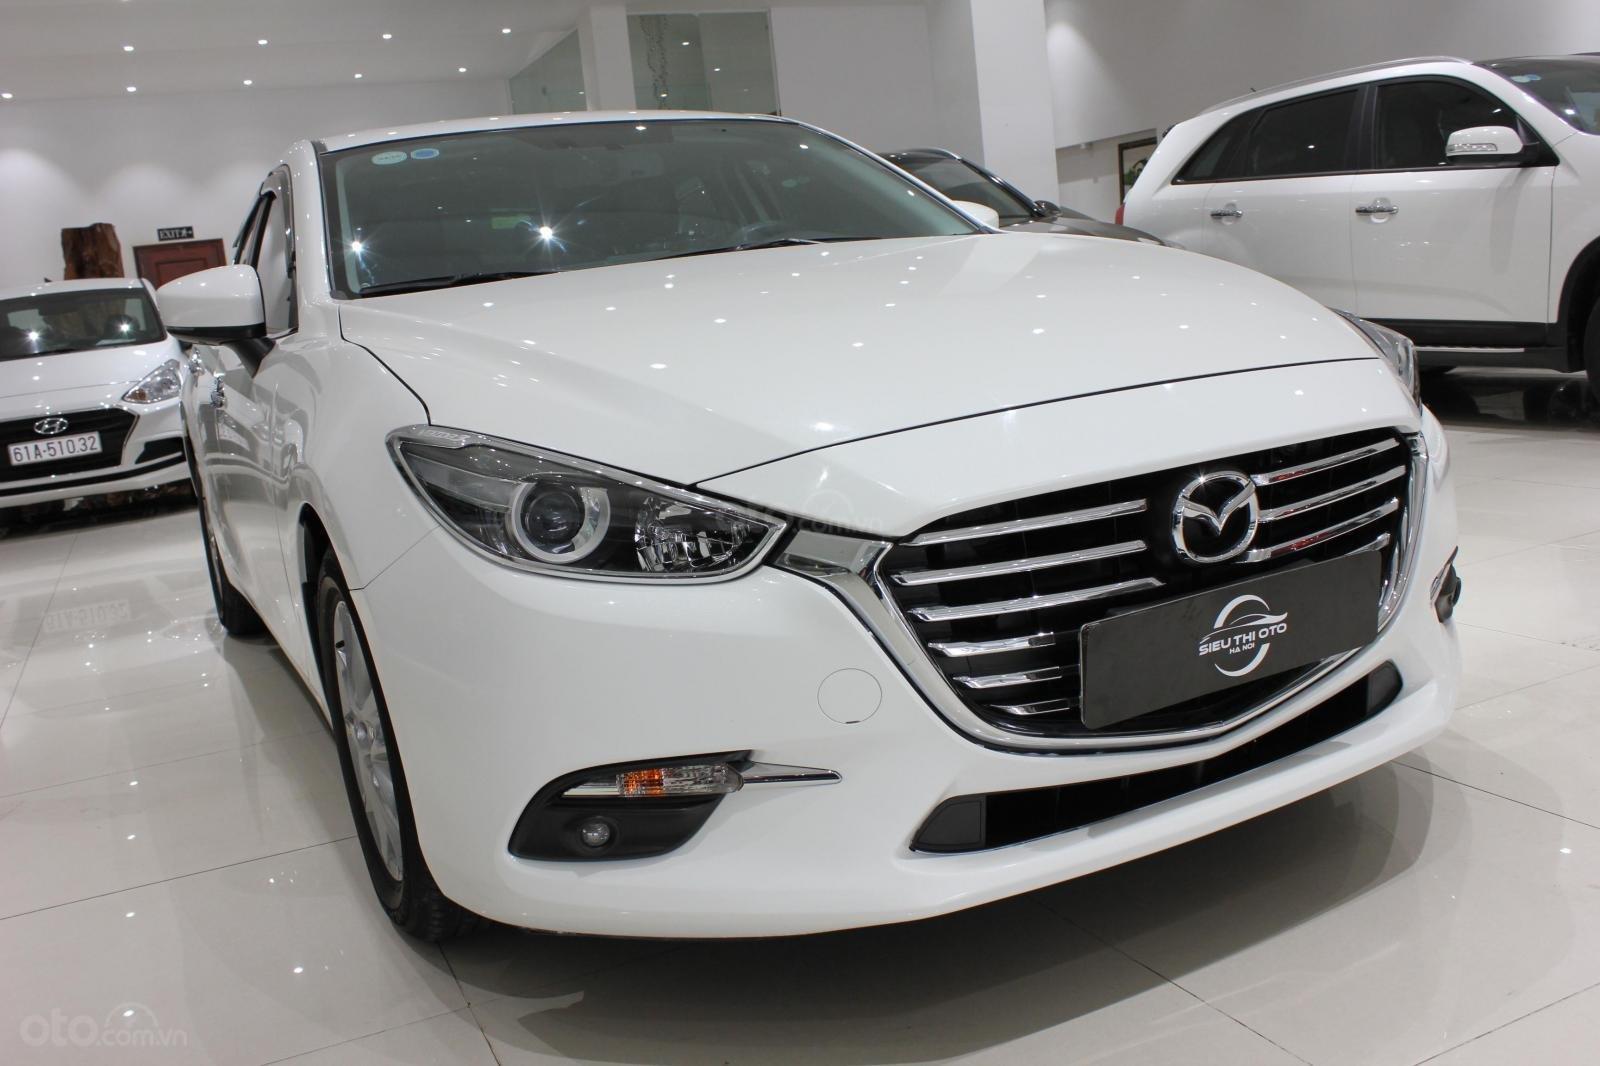 Bán Mazda 3 1.5L sản xuất năm 2017, màu trắng, giá thương lượng, 0347420233 (6)